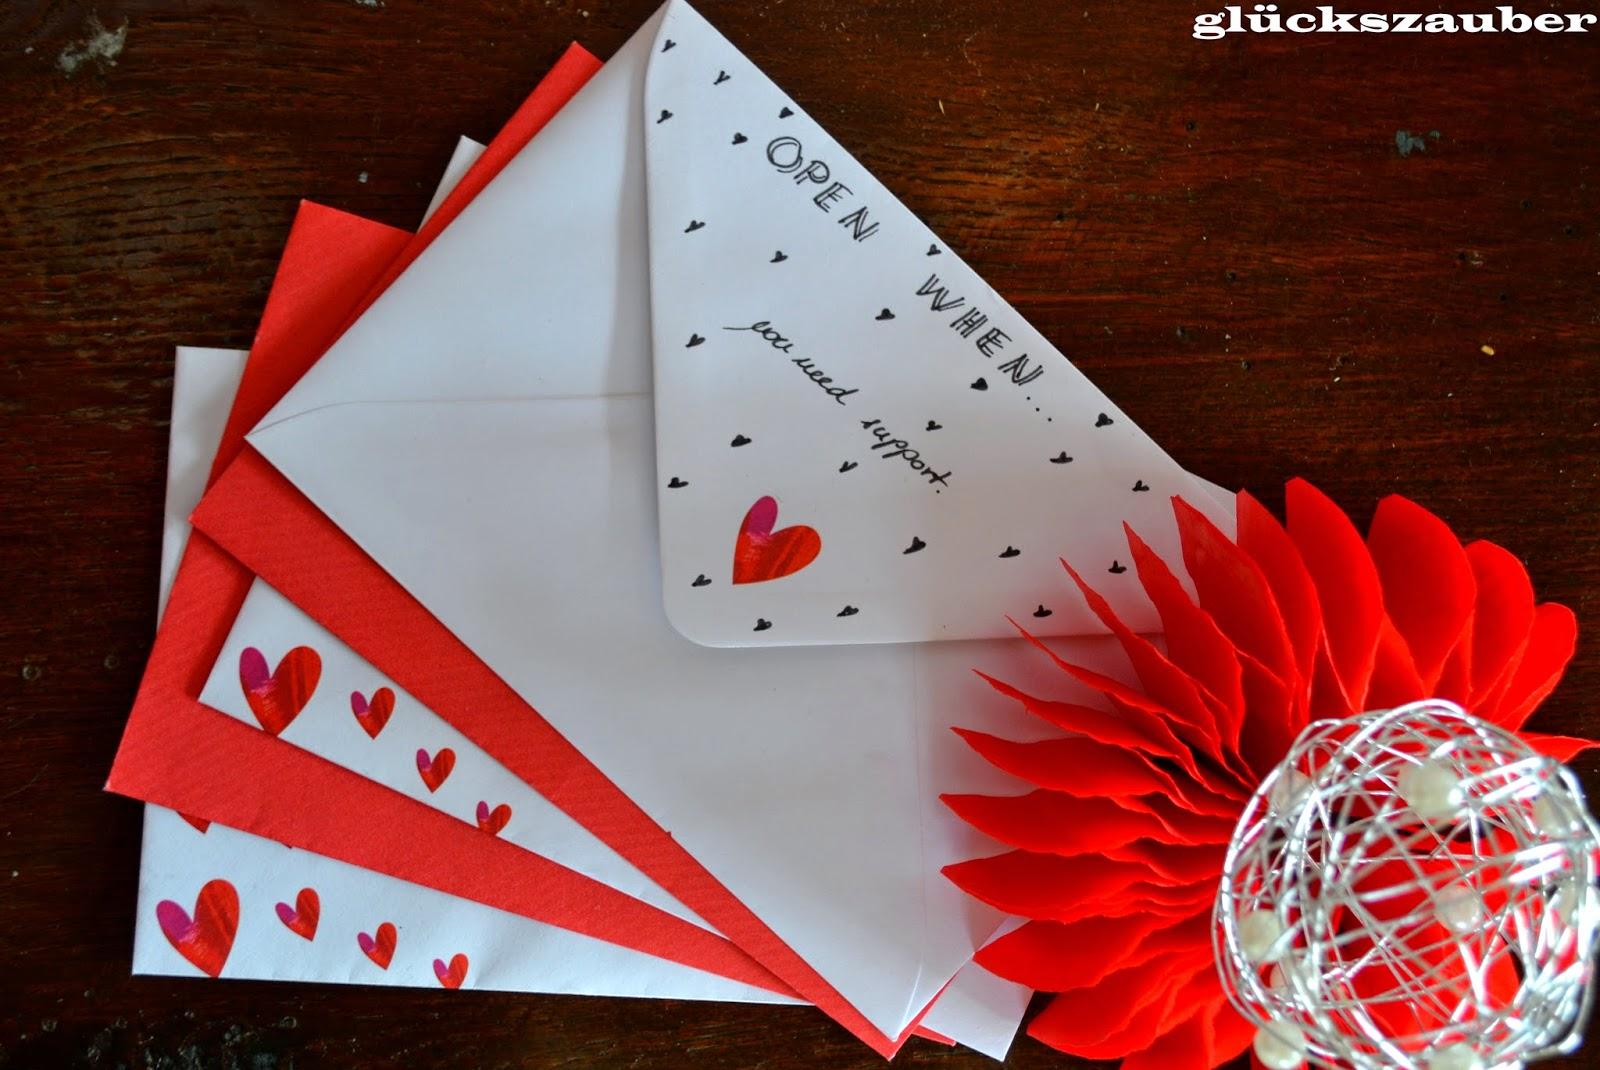 Briefe Dekorieren Fondant : Glückszauber diy open when briefe und dekoration aus